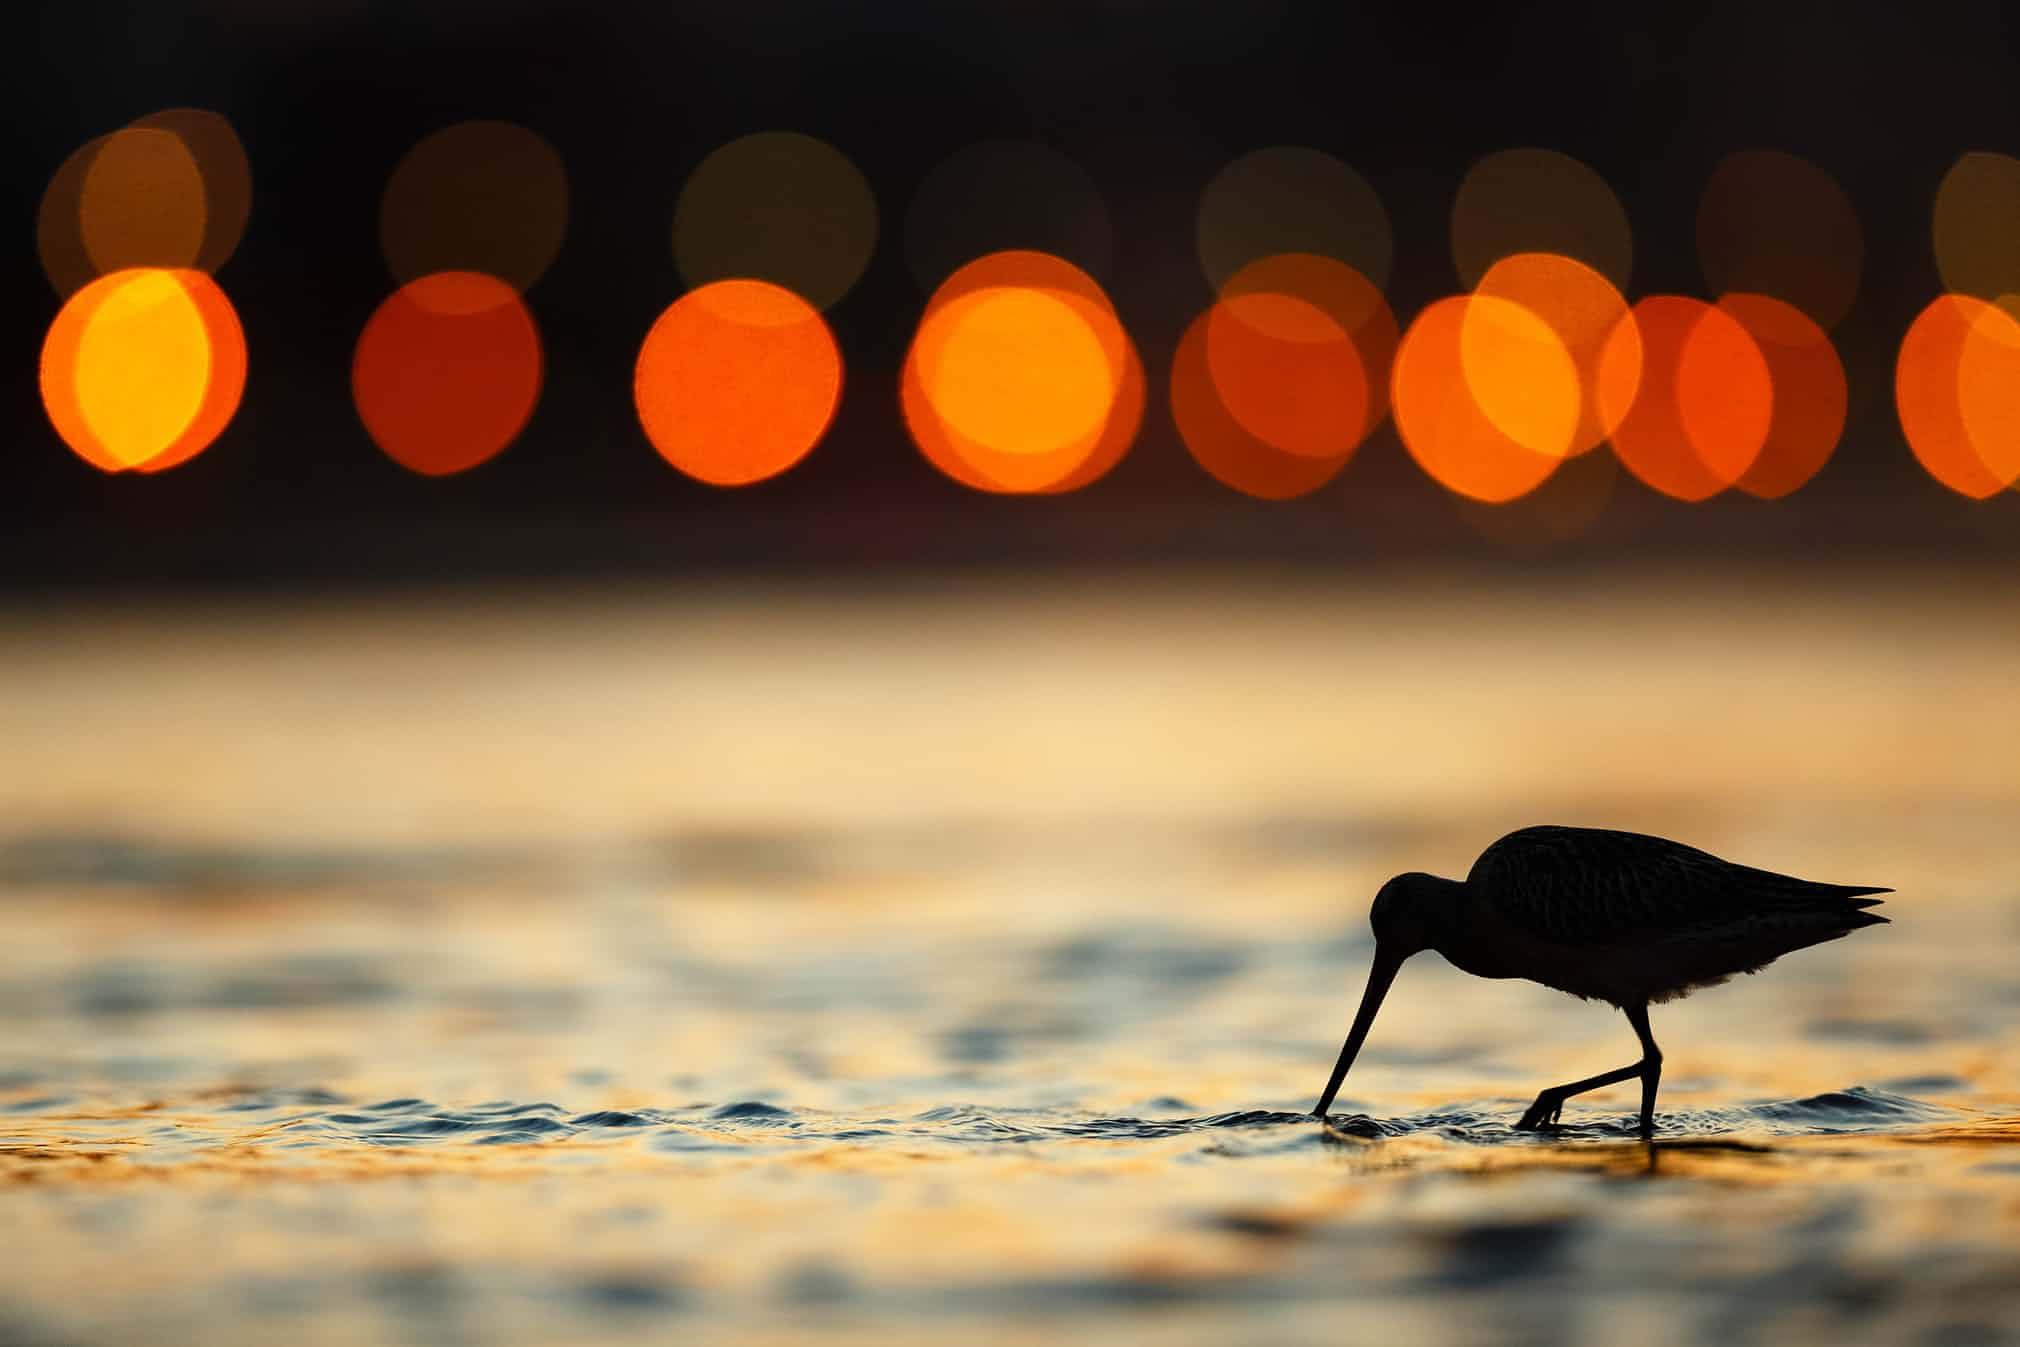 Категория «Садовые игородские птицы», второе место:малый веретенник, фотограф — Марио Суарес Поррас, Испания